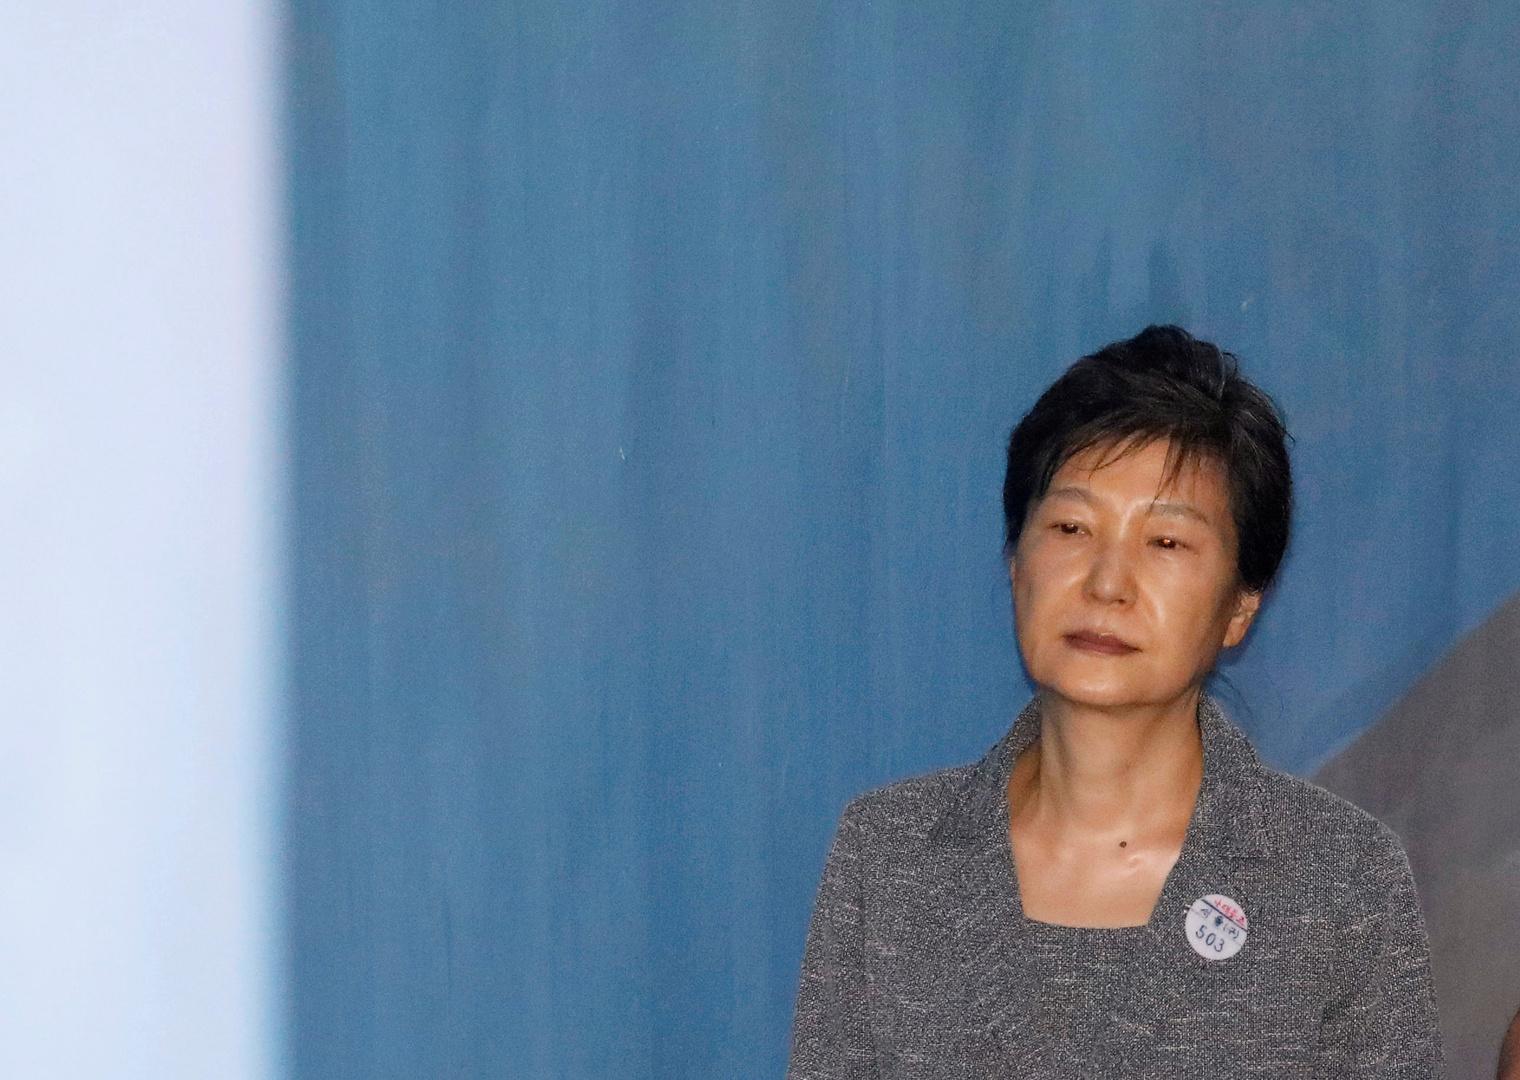 رئيسة كوريا الجنوبية السابقة بارك كون هي